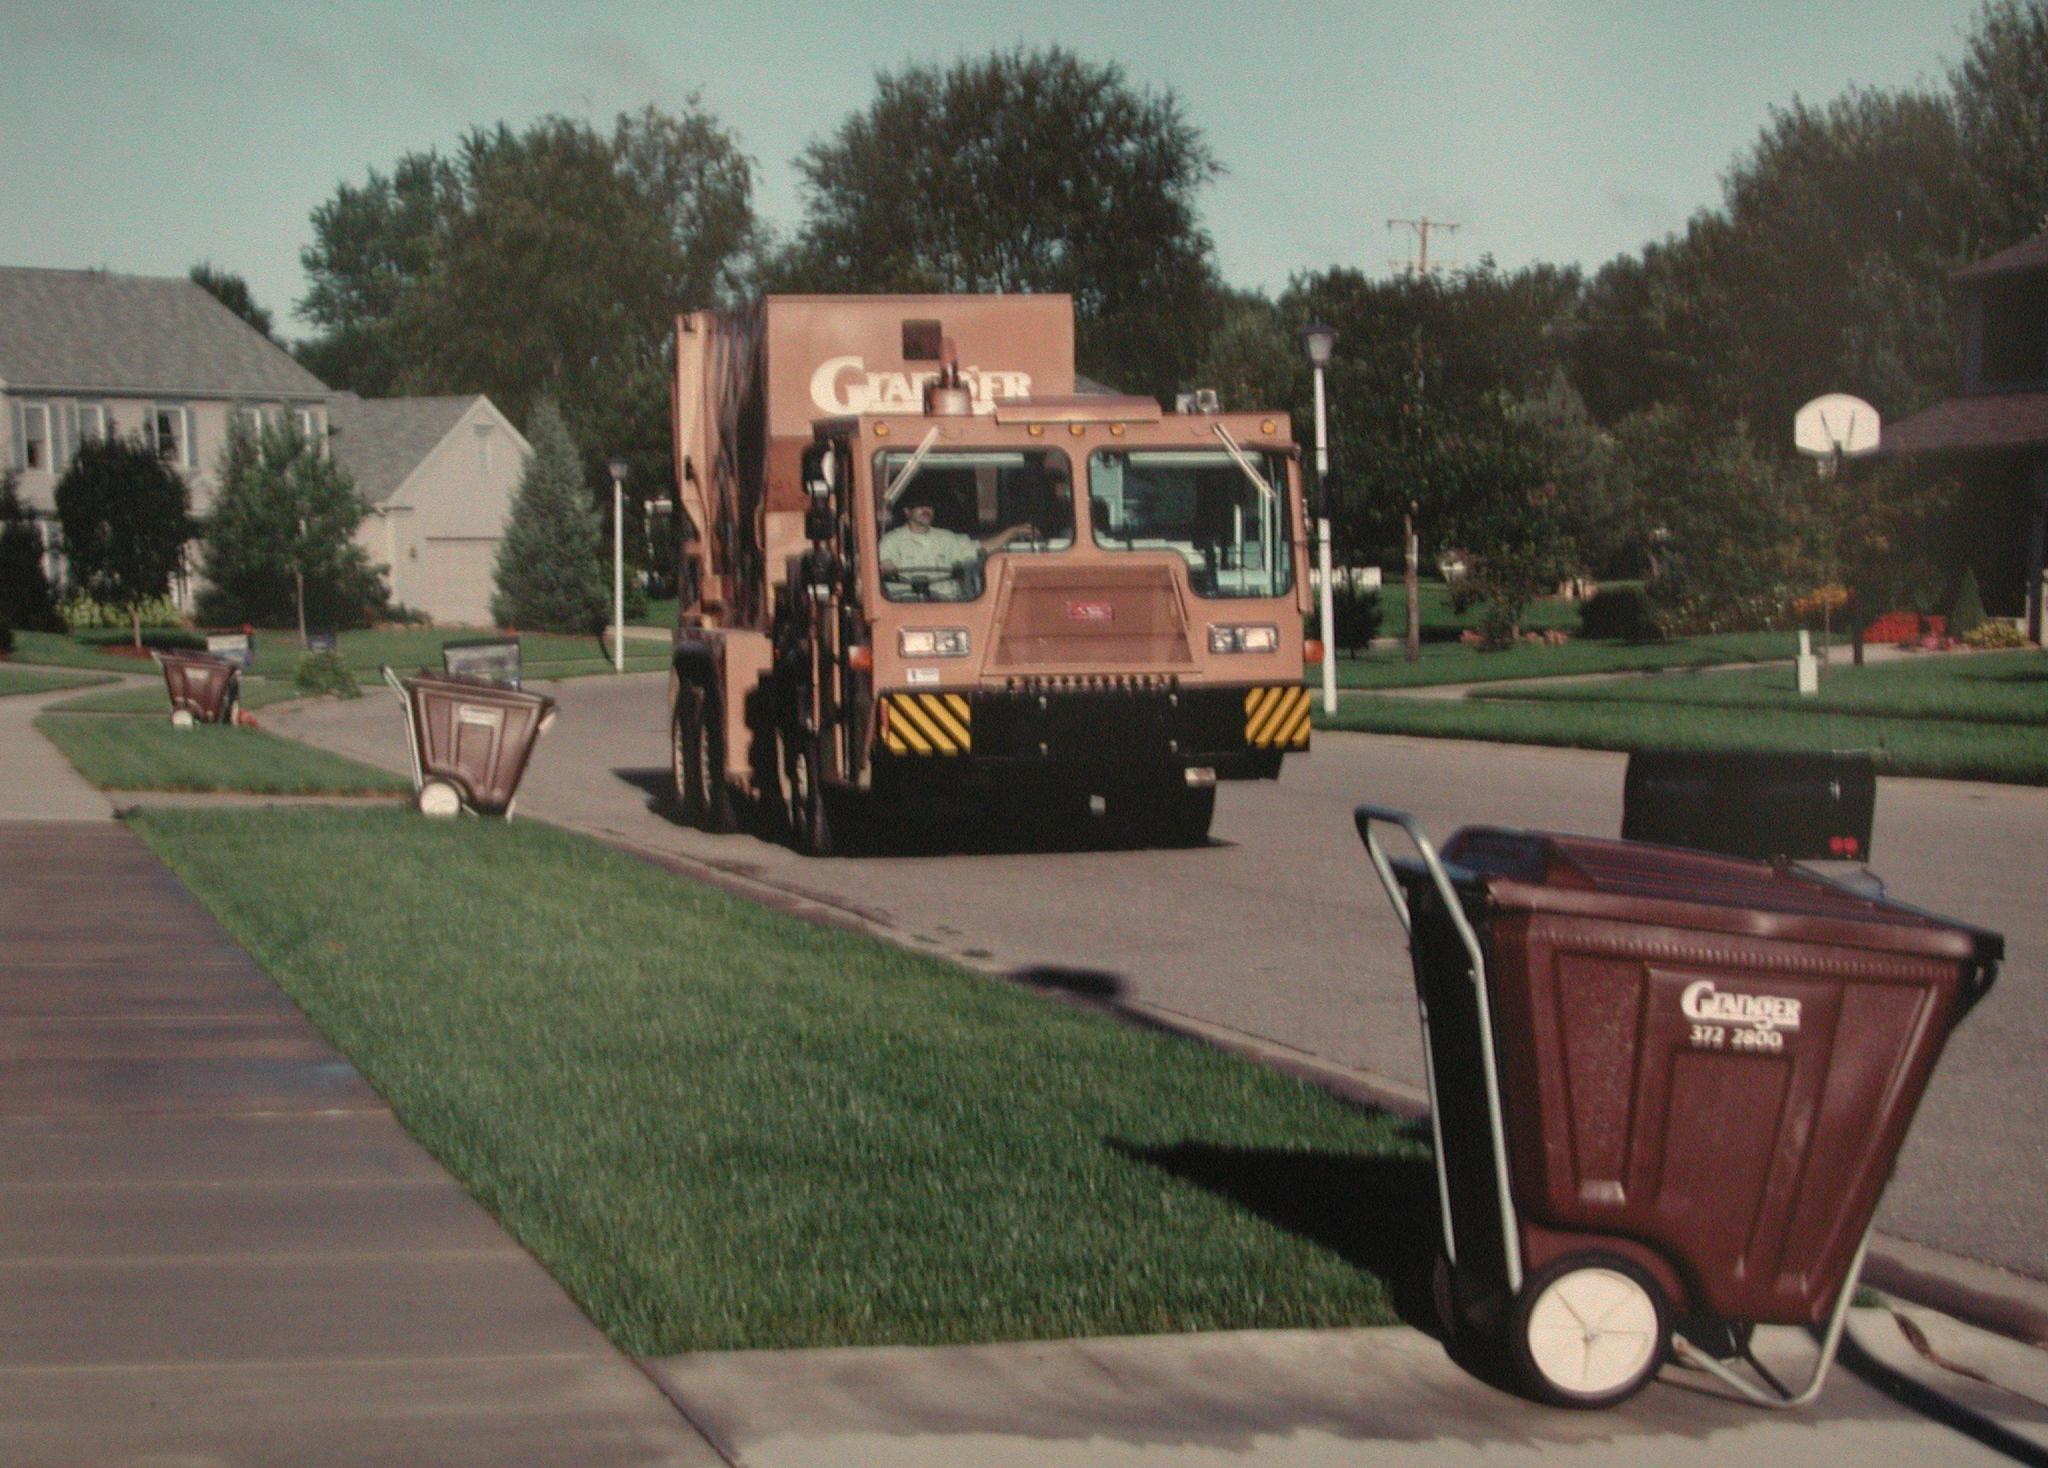 Granger garbage truck